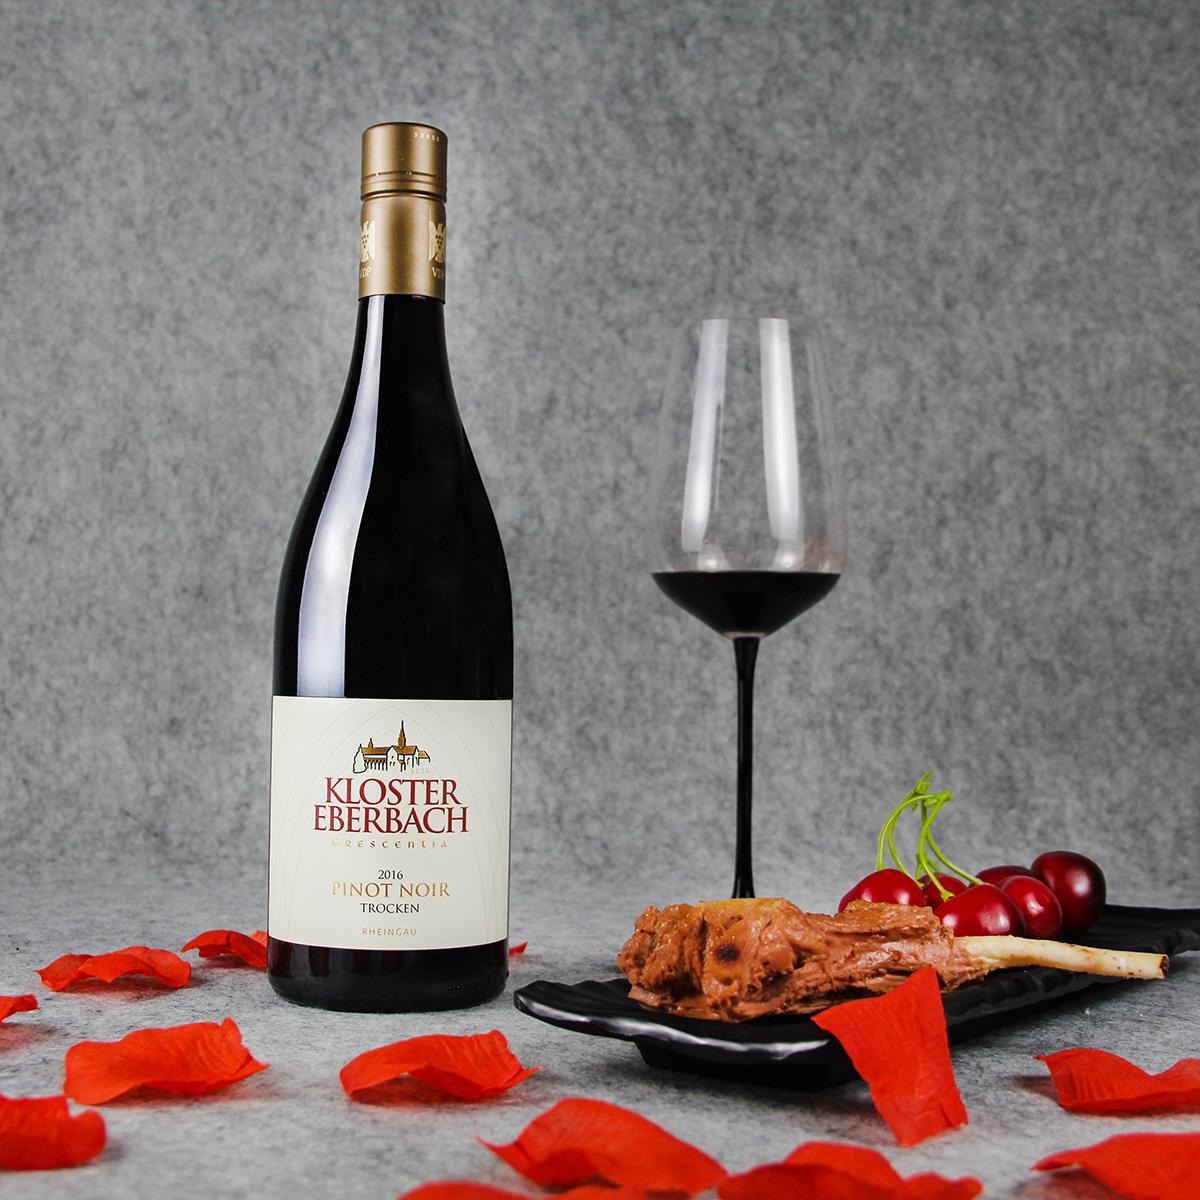 德国莱茵高埃伯巴赫酒庄黑皮诺VDP一级园干红葡萄酒